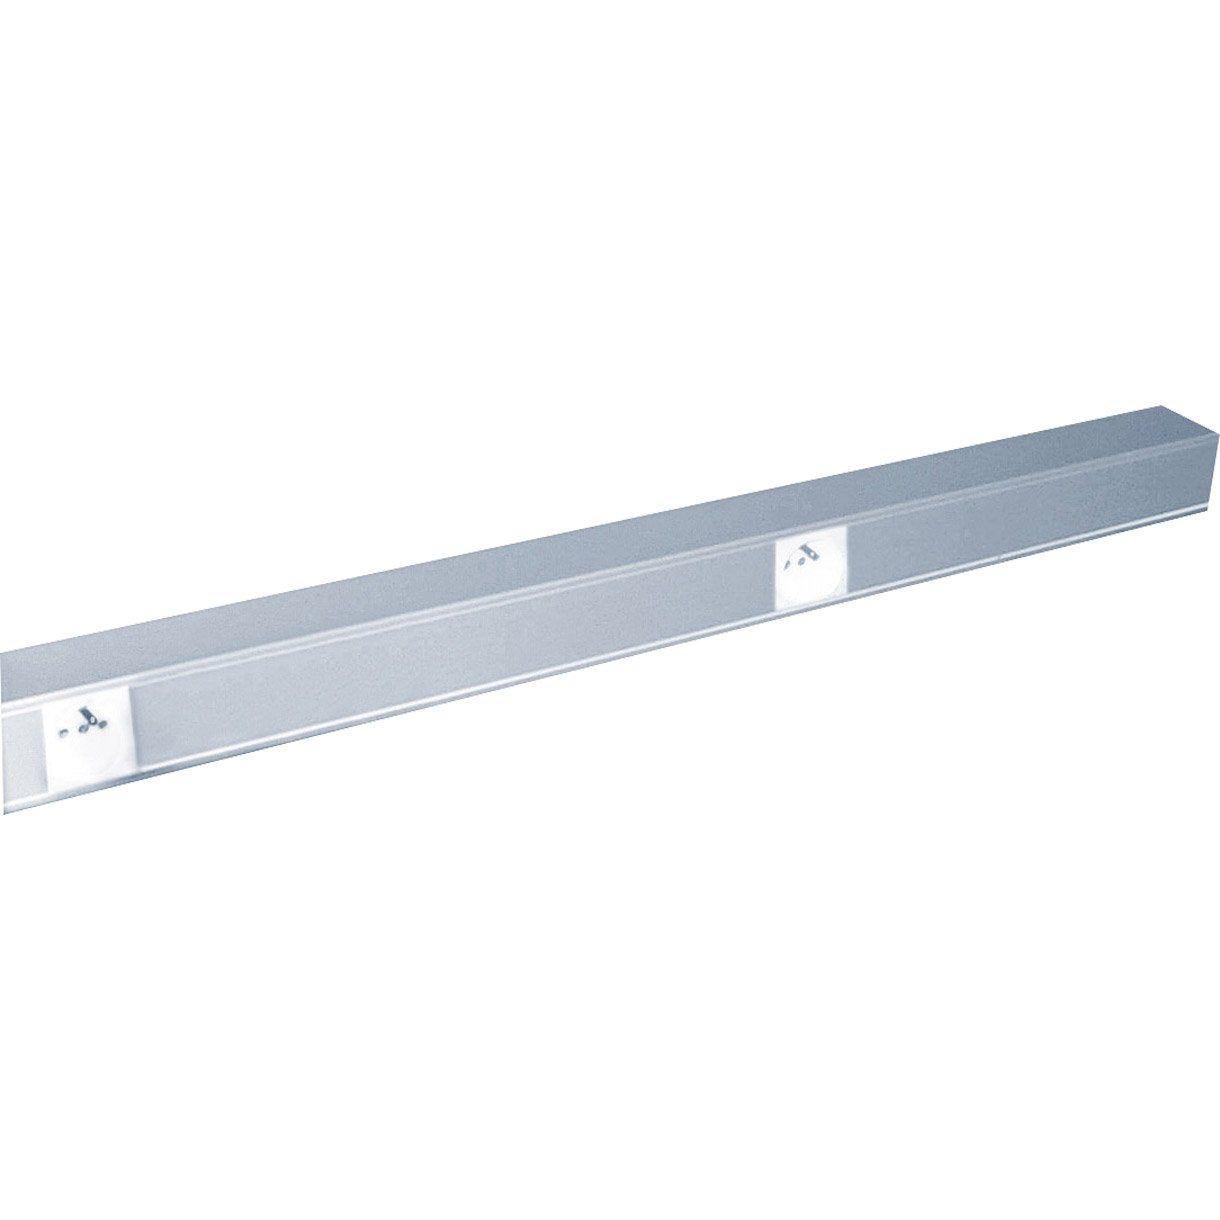 Kit D Installation Aluminium Pour Moulure H 5 4 X P 5 4 Cm Kit Et Produits